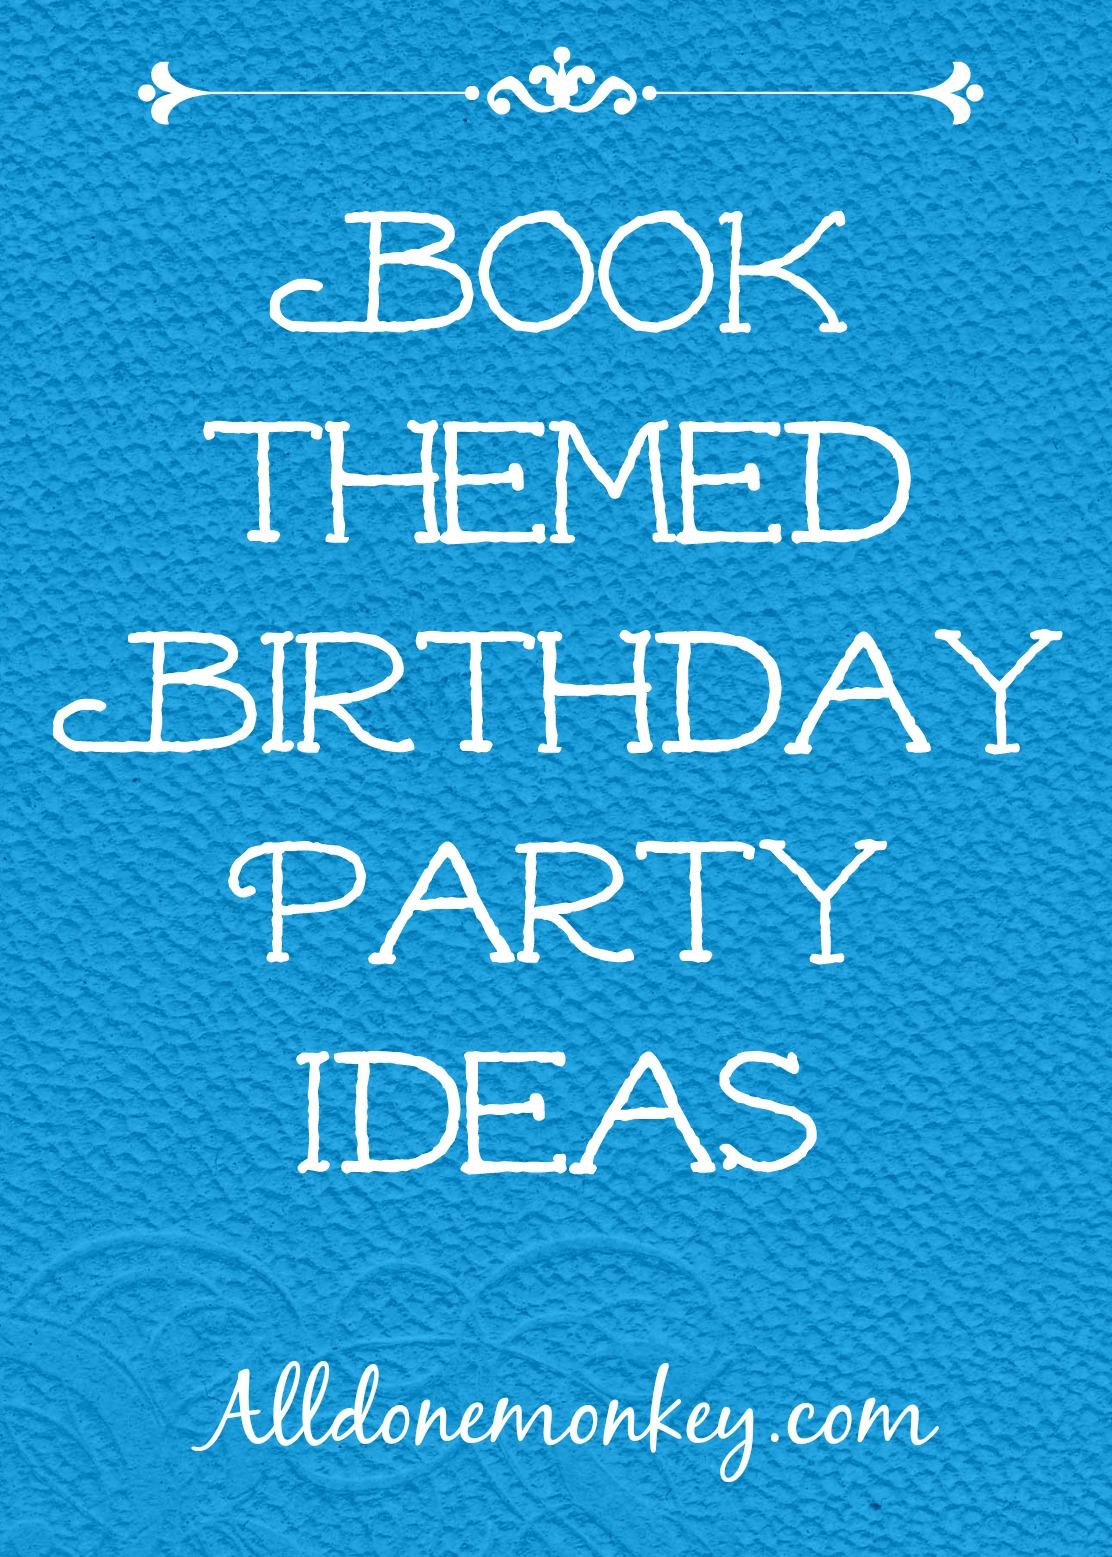 Birthdays Archives - All Done Monkey